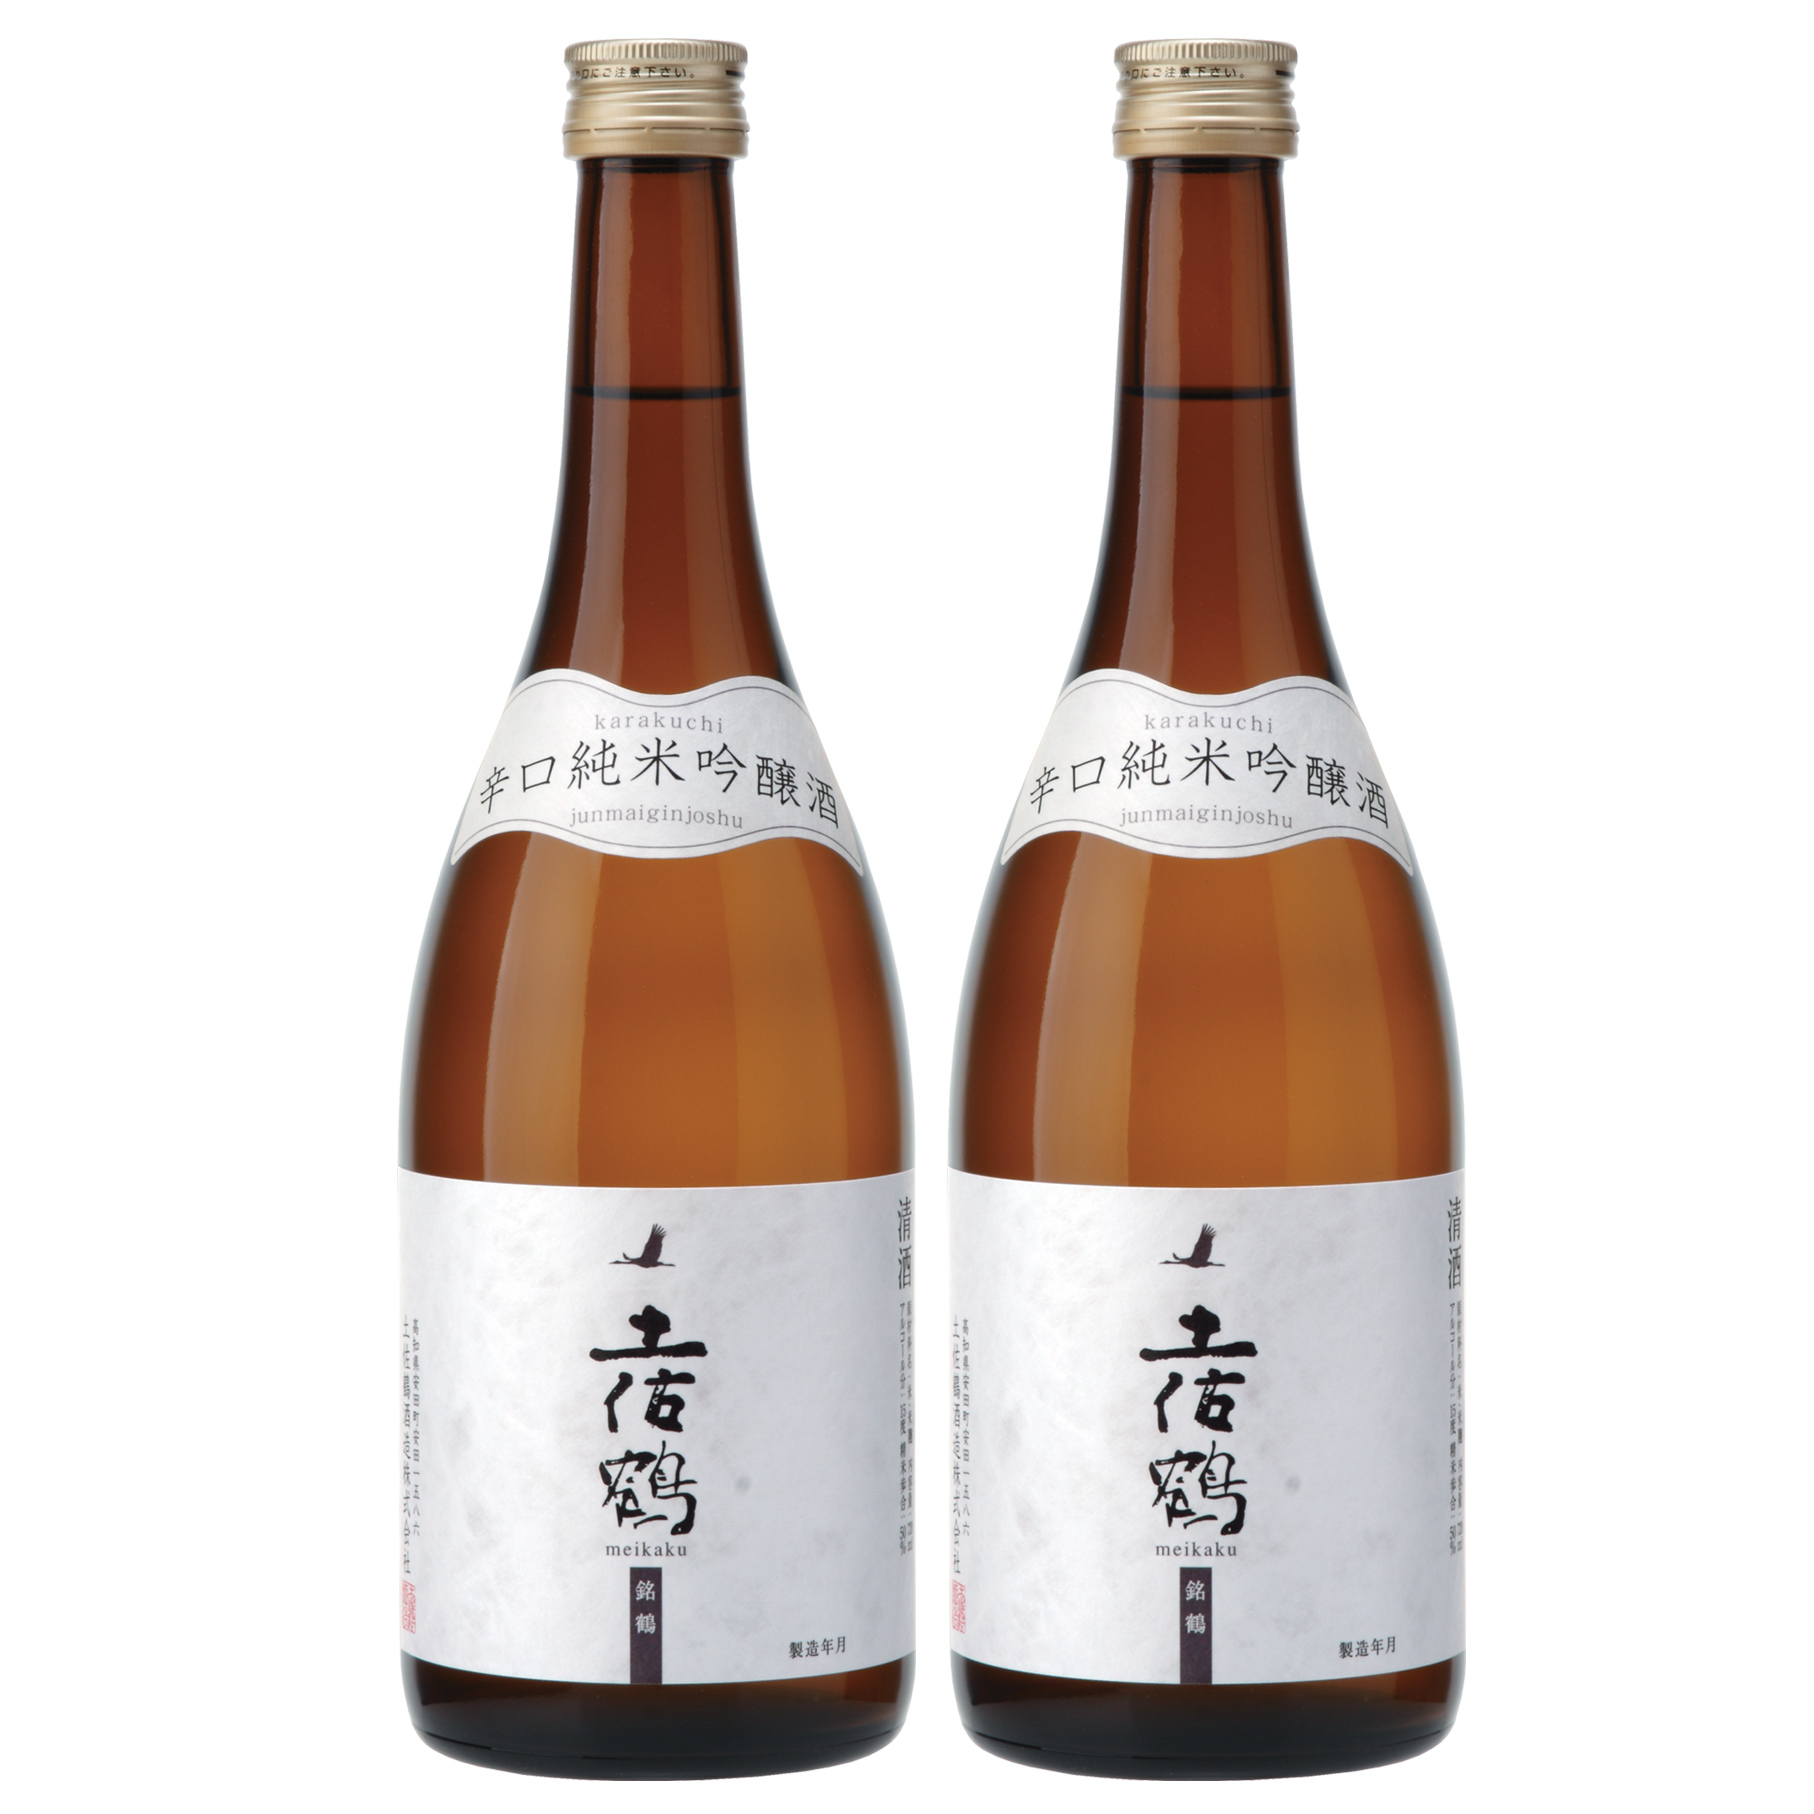 【定期購入】辛口純米吟醸酒 銘鶴 720ml×2本